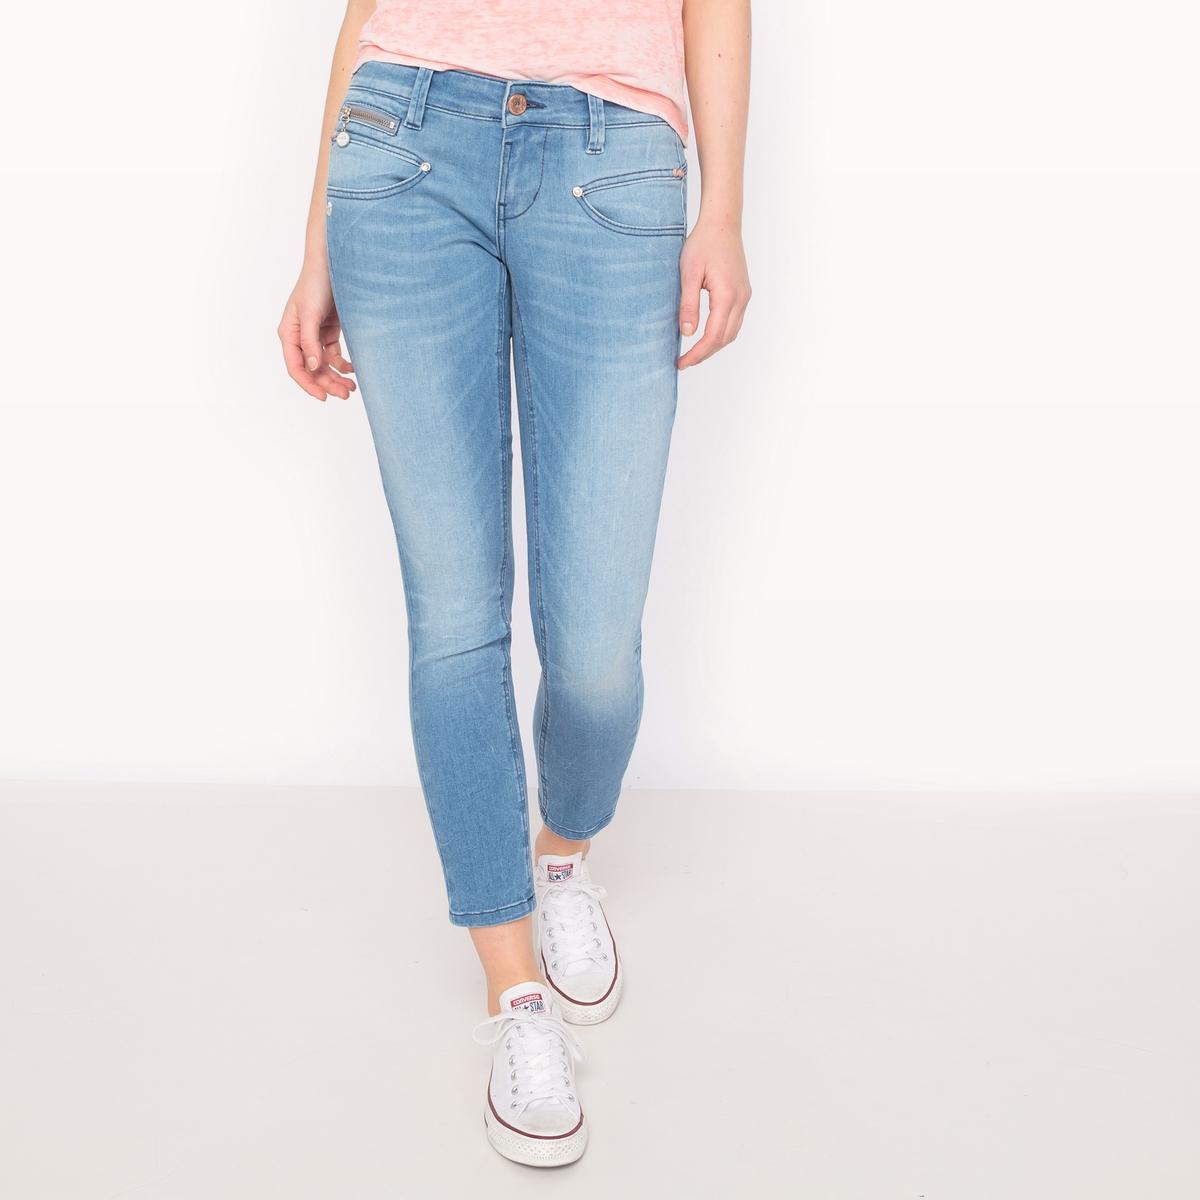 Джинсы ALEXA, укороченный очень узкий покрой, эластичный поясМатериал : 91% хлопка, 7% эластомультиэстера, 2% эластана                 Высота пояса : стандартная                Покрой джинсов : узкий                 Длина джинсов : длина 32<br><br>Цвет: синий стираный